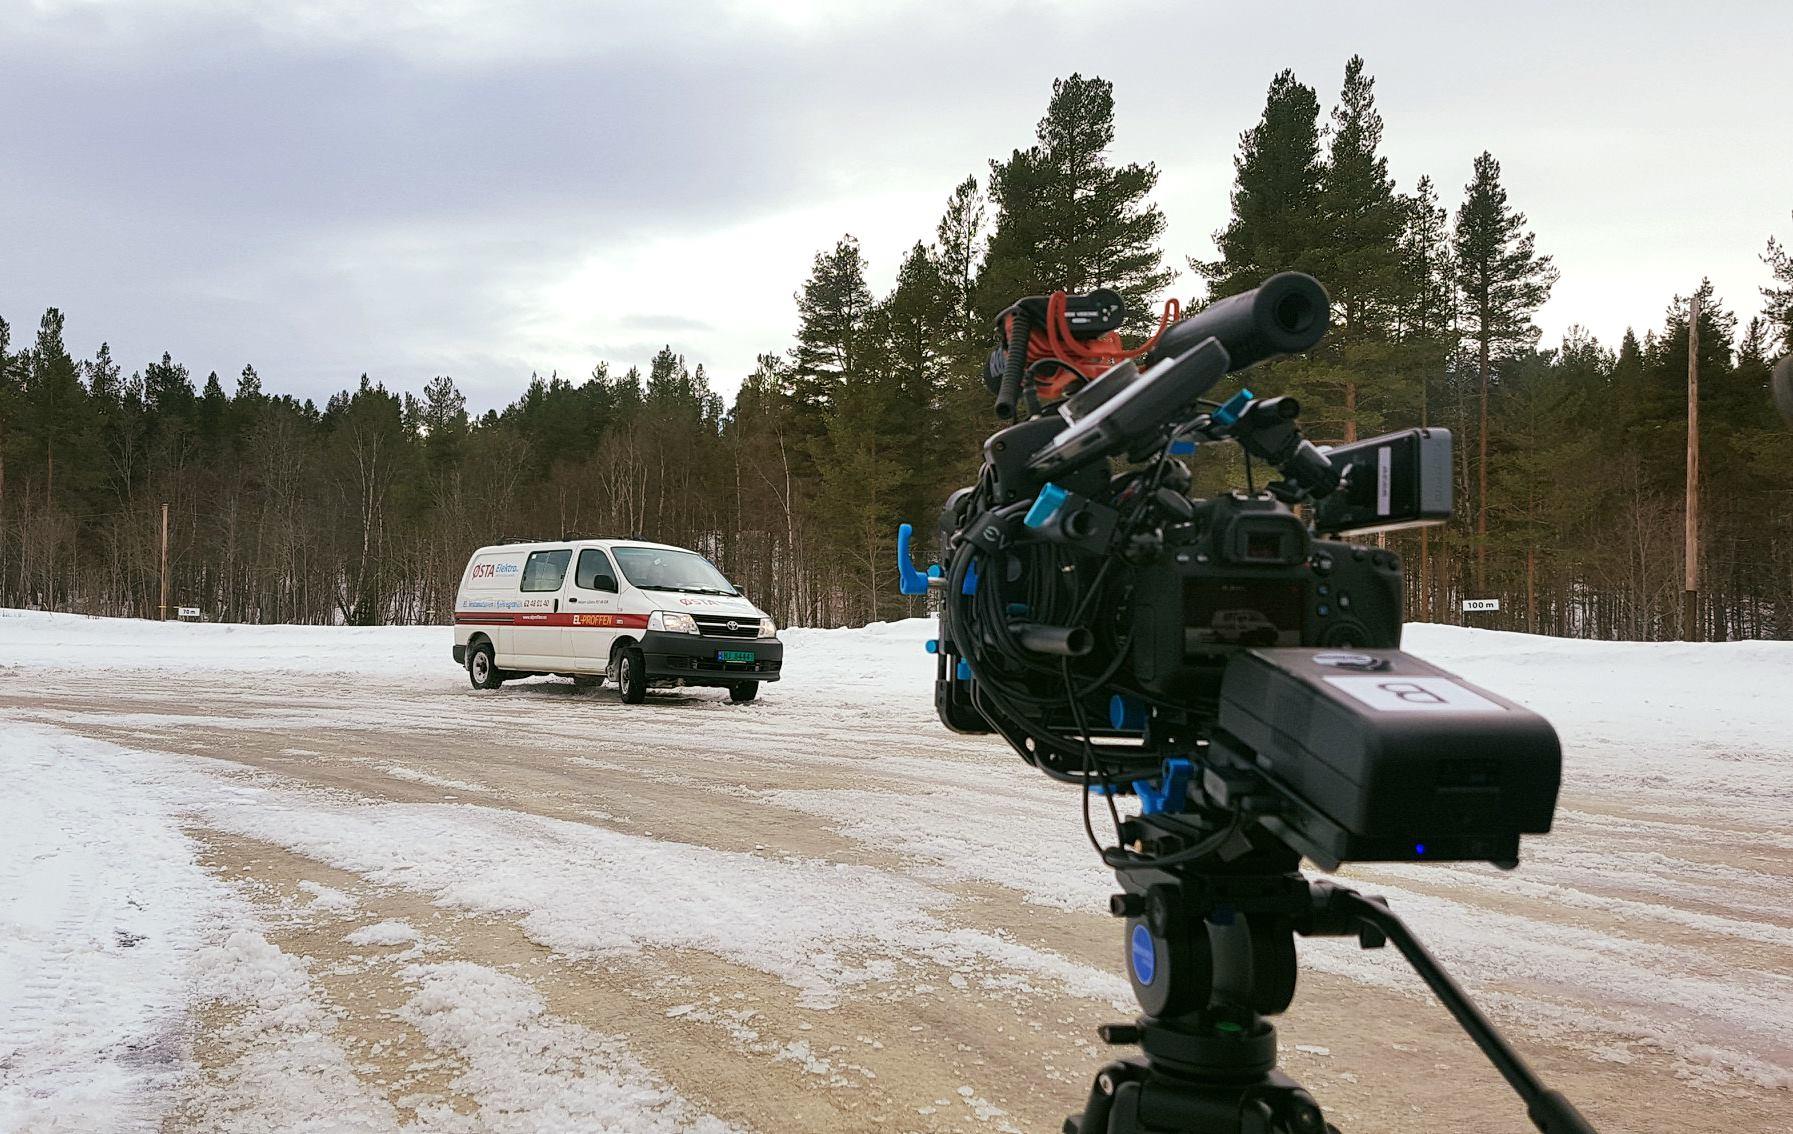 Innspilling av film til Østa Elektro på NAF Treningsbane på Tynset. Foto: Trine Haanæs